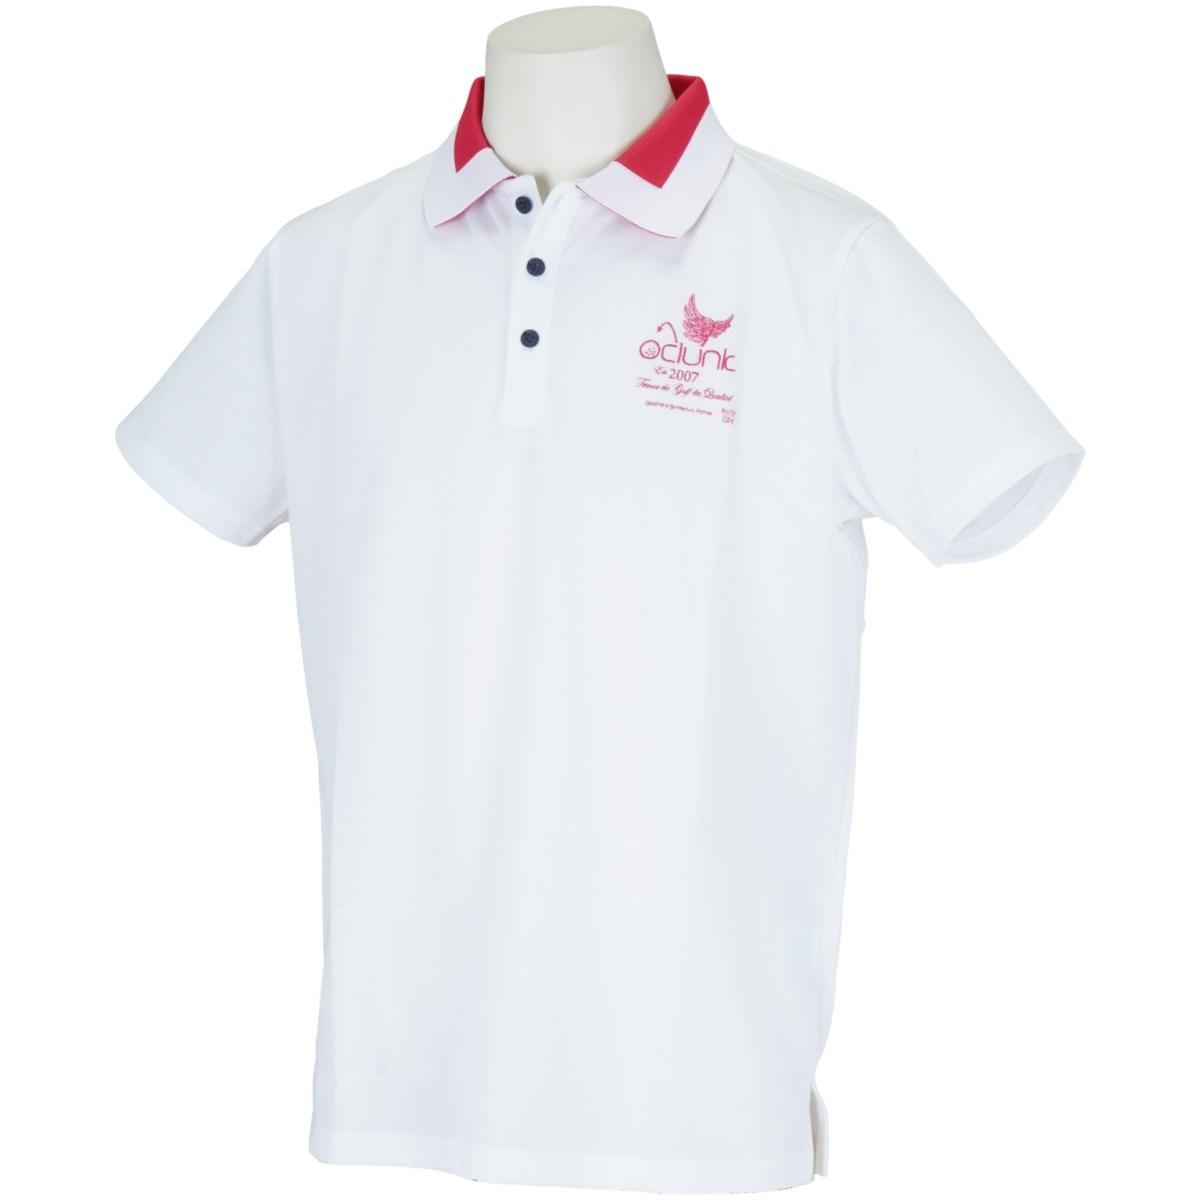 クランク(Clunk) COLLAR ACCSENT 半袖ポロシャツ